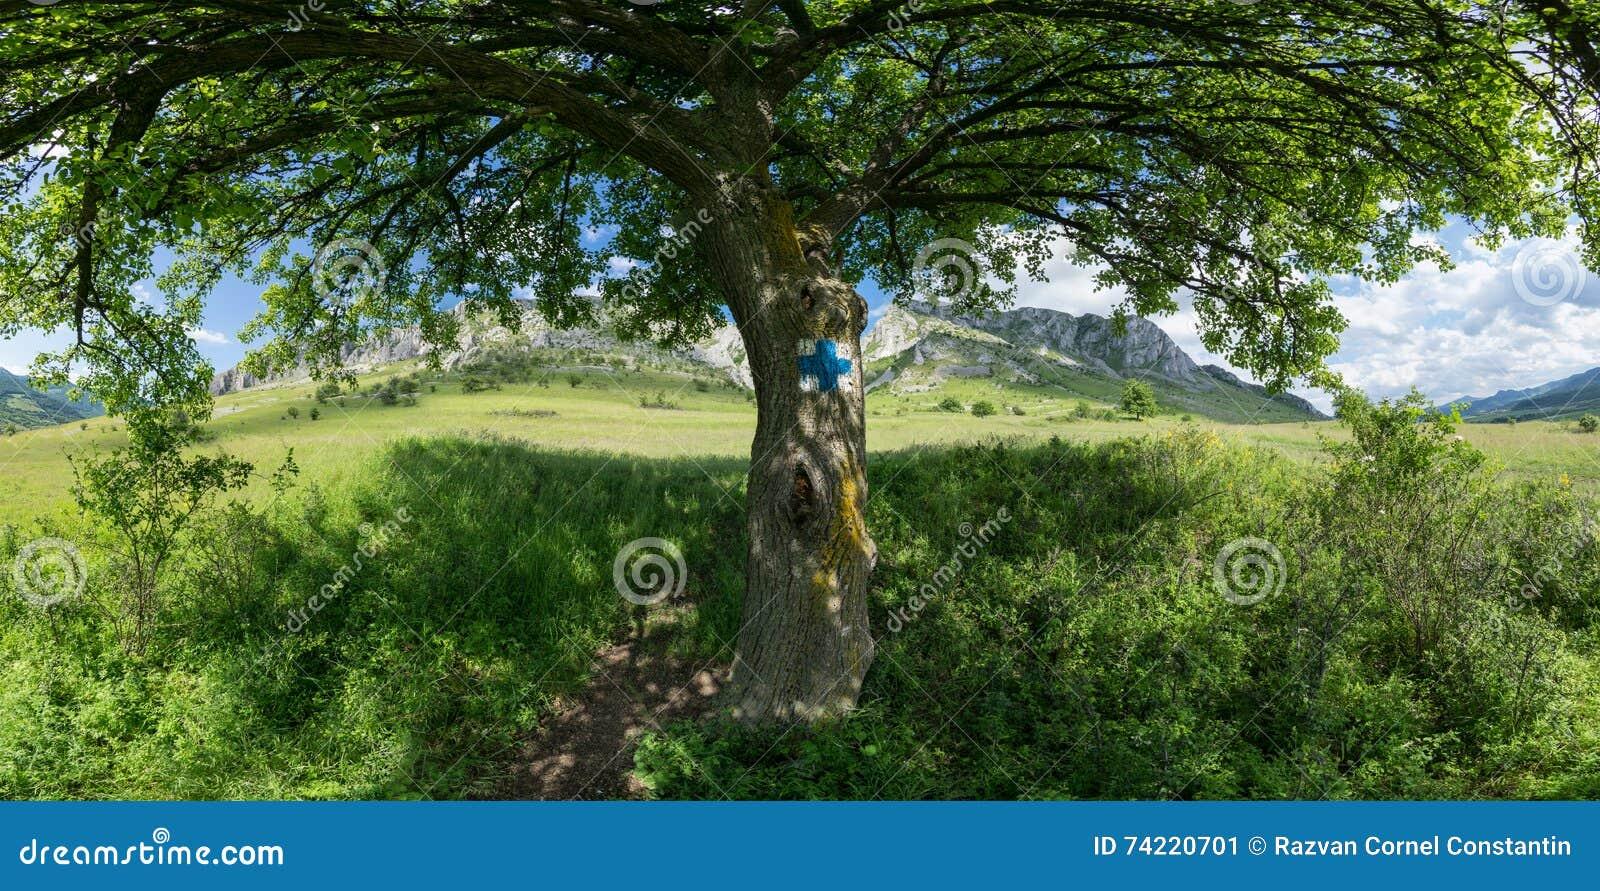 Under the tree shade